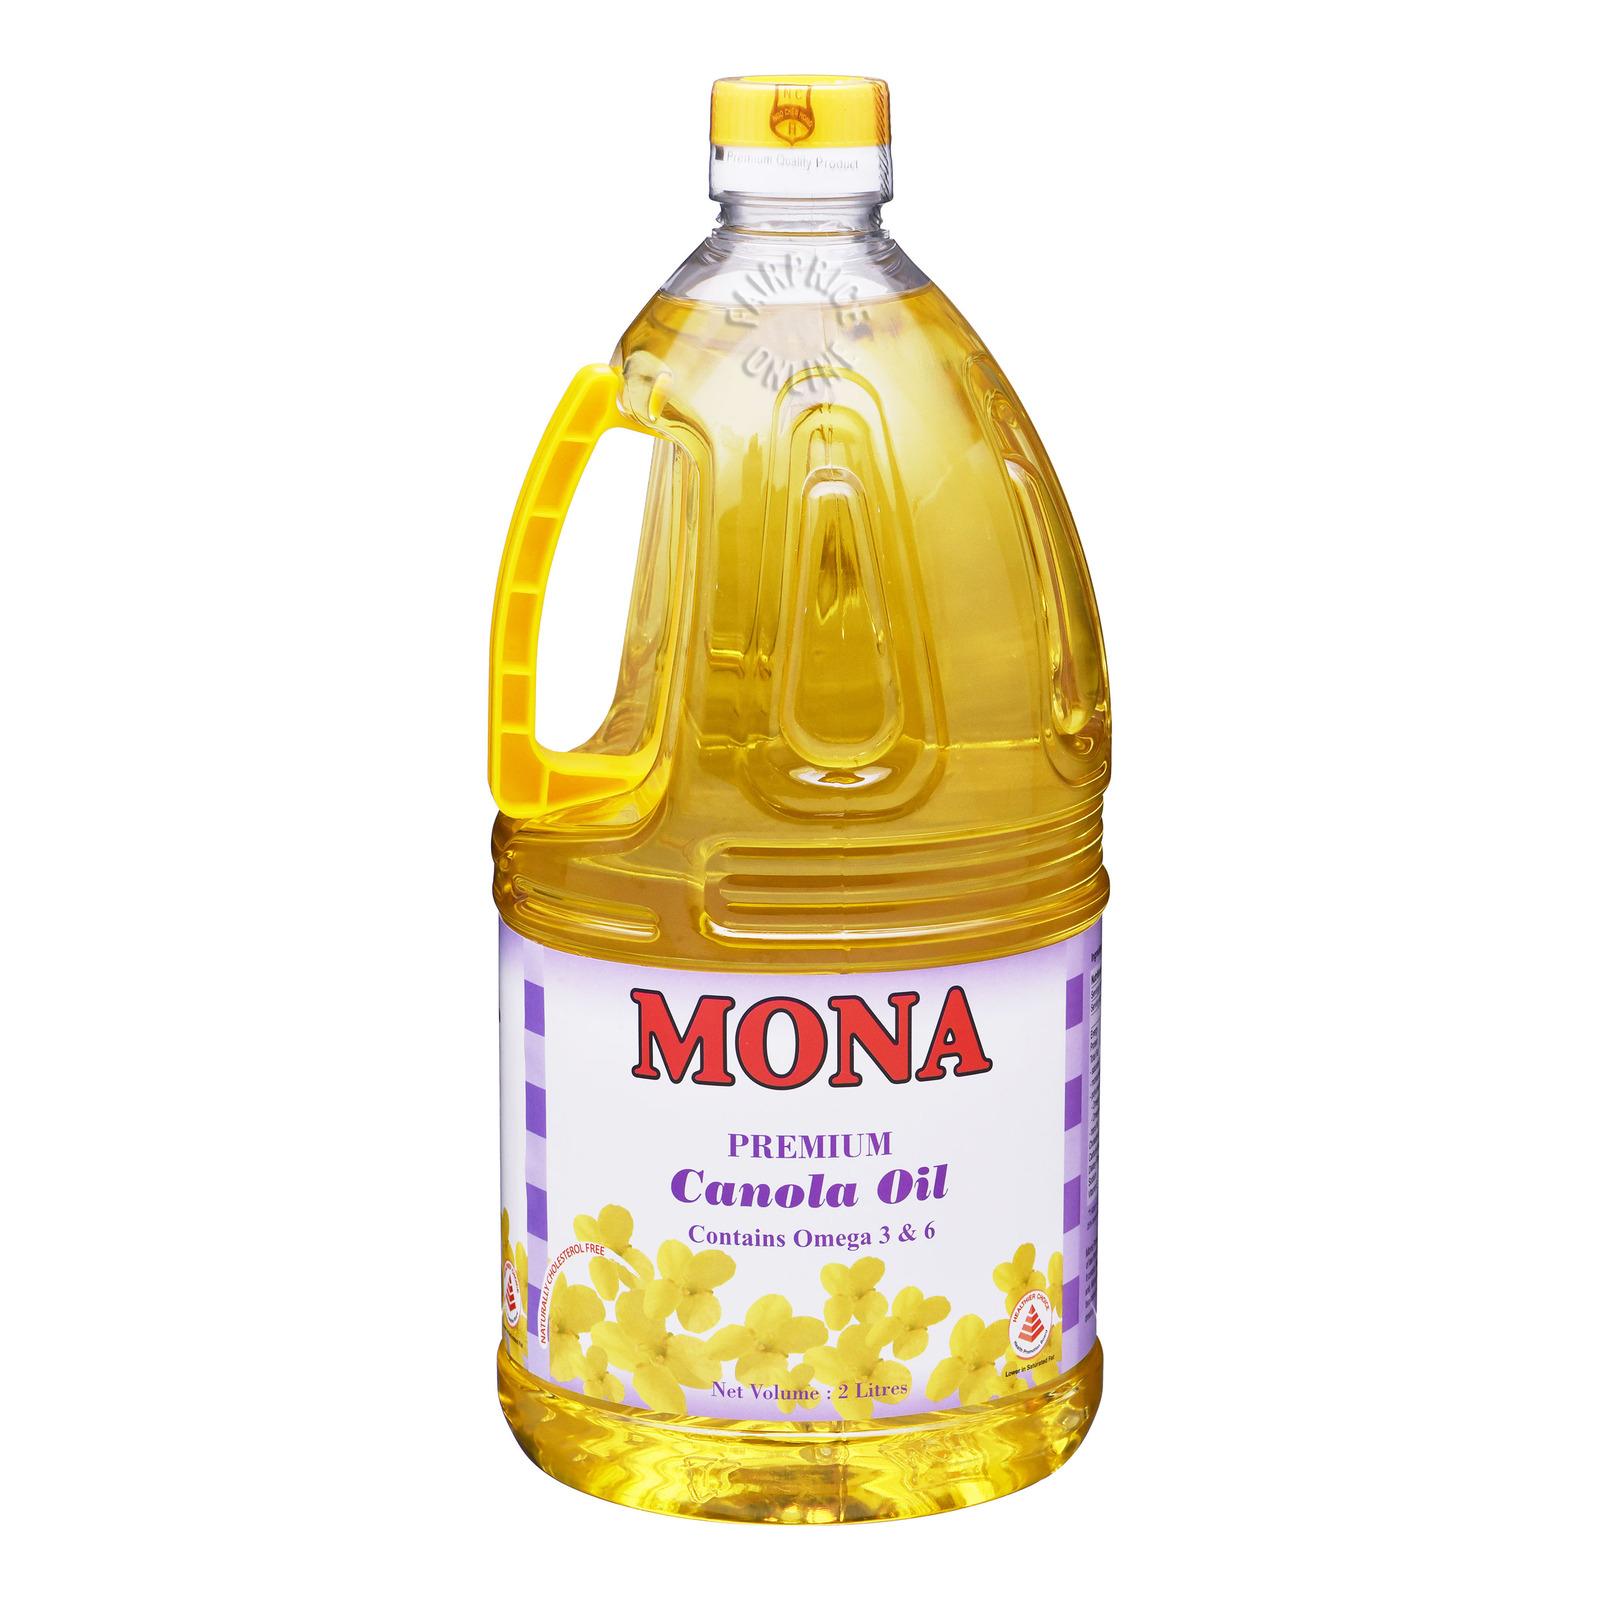 Mona Premium Canola Oil